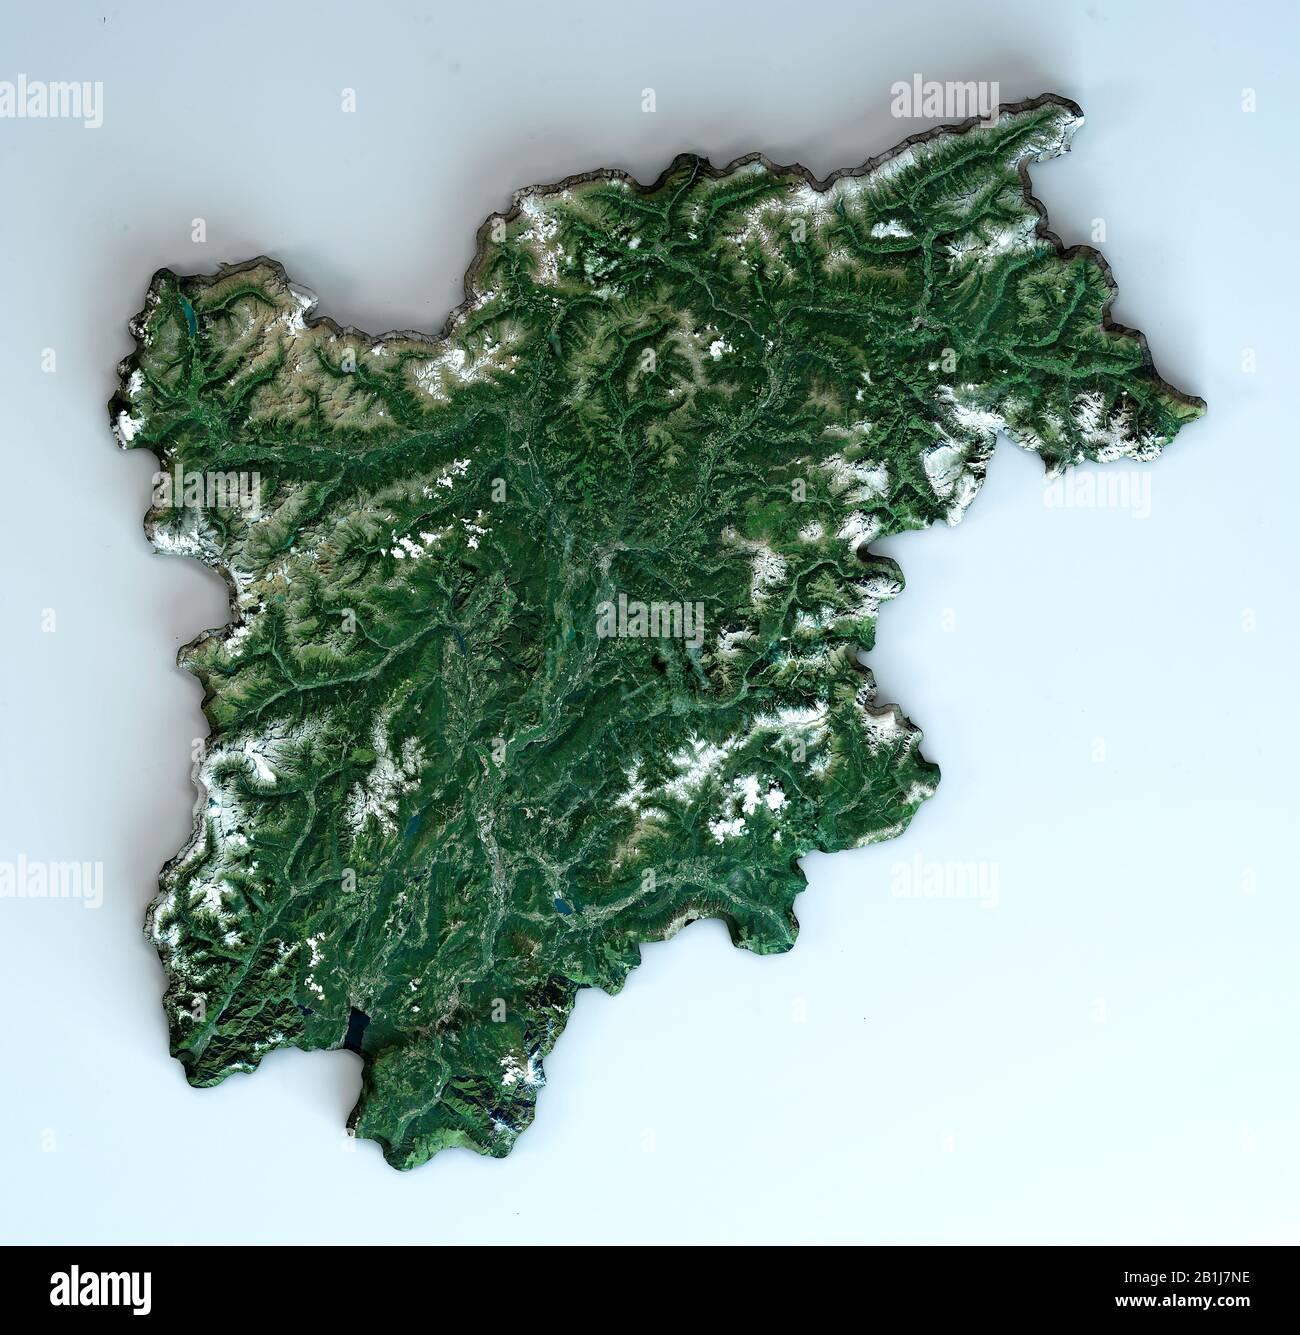 Cartina Italia Trentino Alto Adige.Vista Satellitare Della Regione Trentino Alto Adige Italia Rendering 3d Mappa Fisica Del Trentino Alto Adige Pianure Montagne Laghi Alpi Foto Stock Alamy